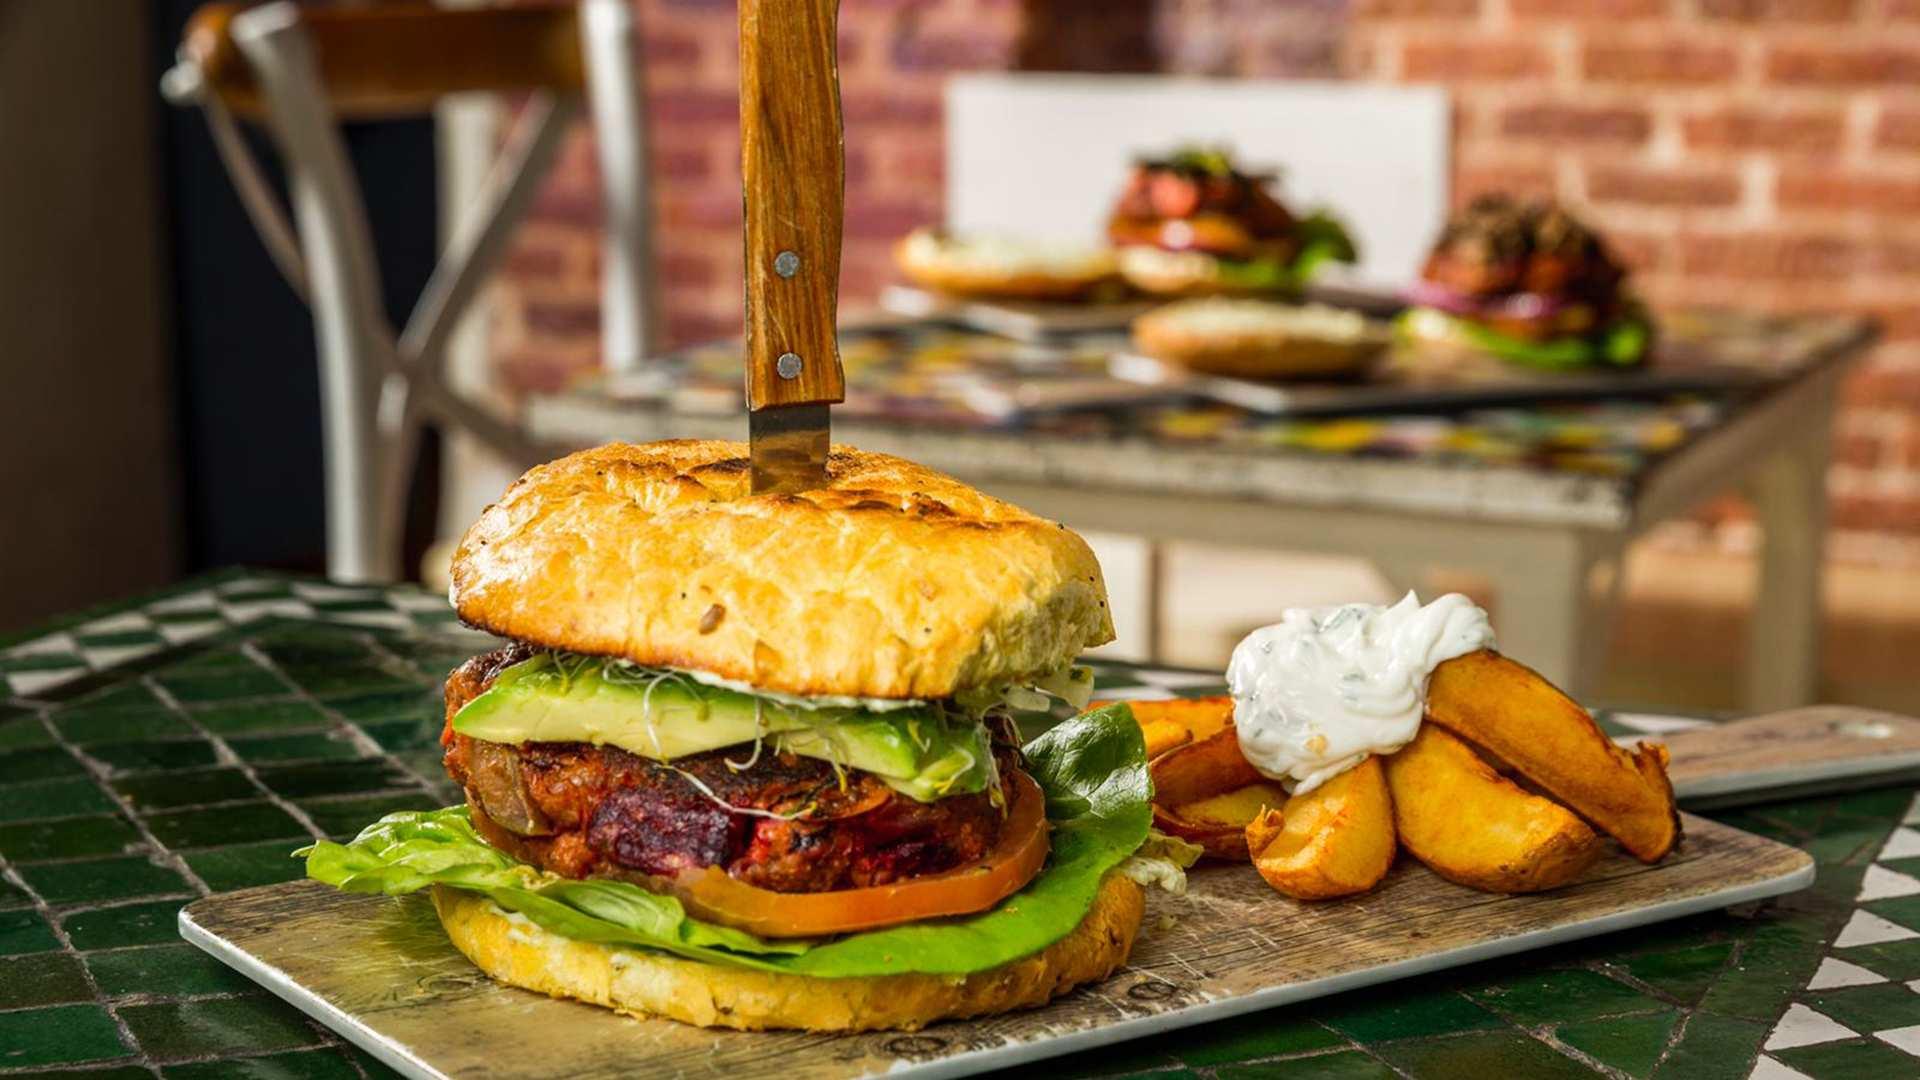 Cuatro hamburguesas 'veggies' para celebrar el Día del Vegetarianismo